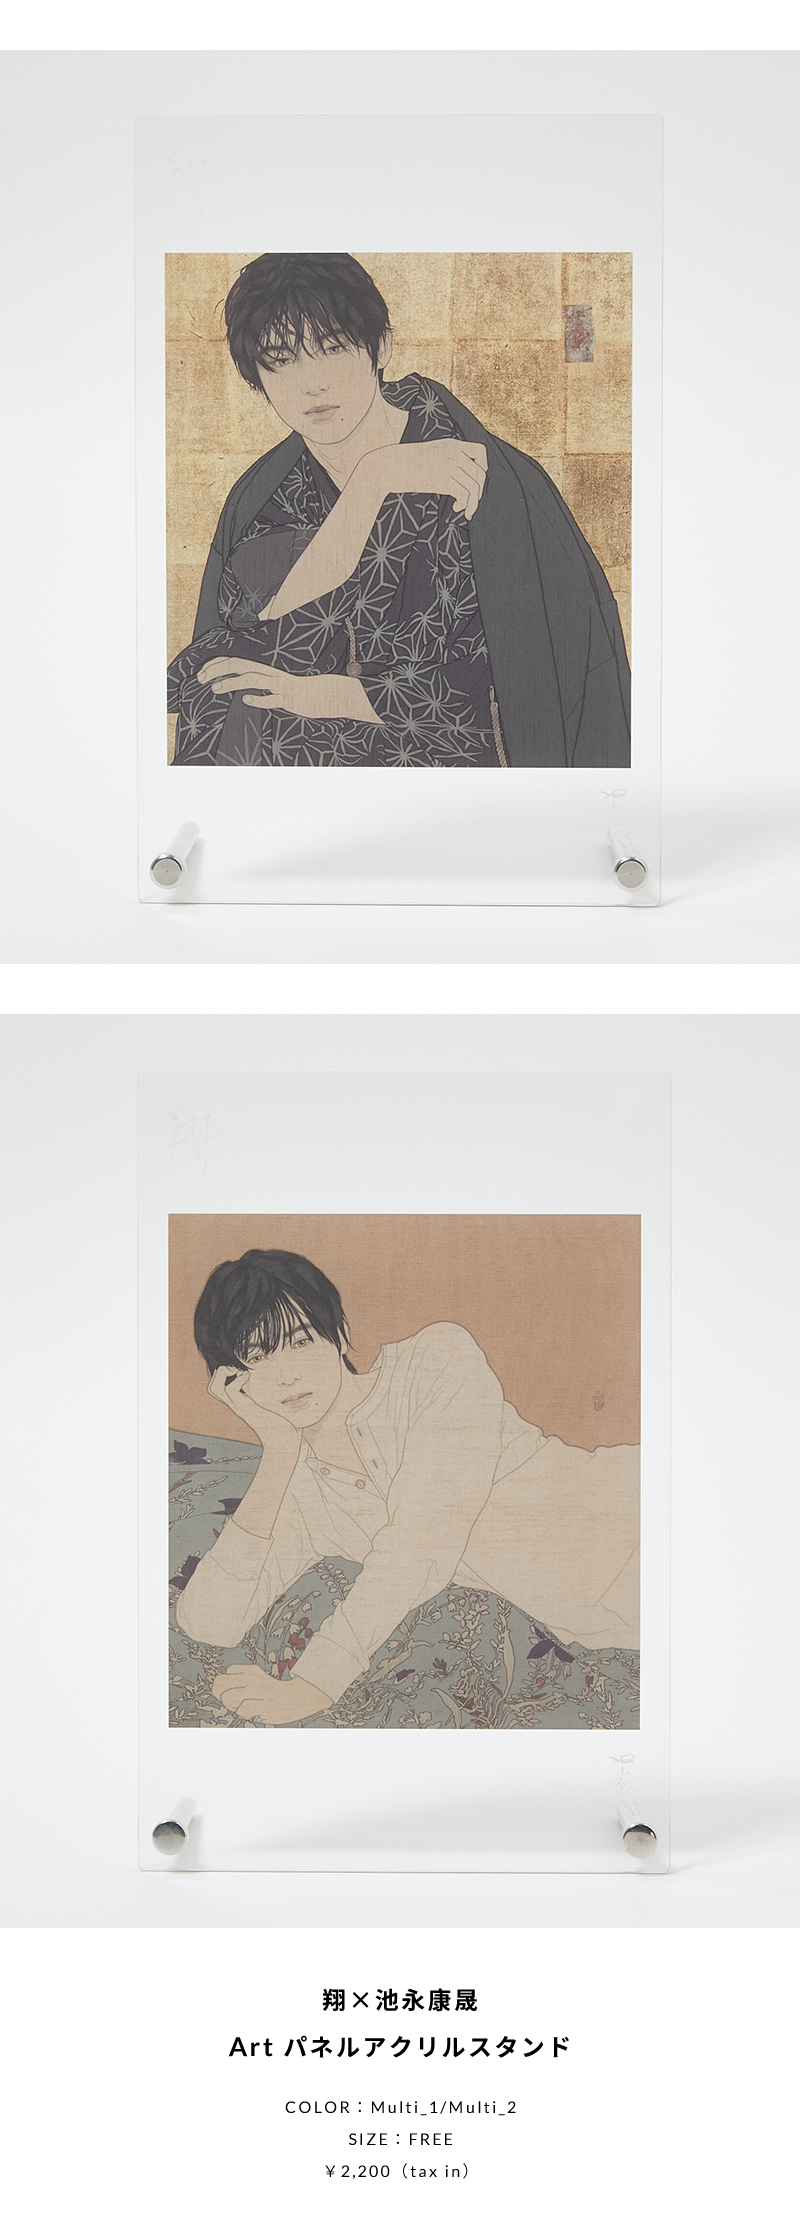 翔×池永康晟Art パネルアクリルスタンド